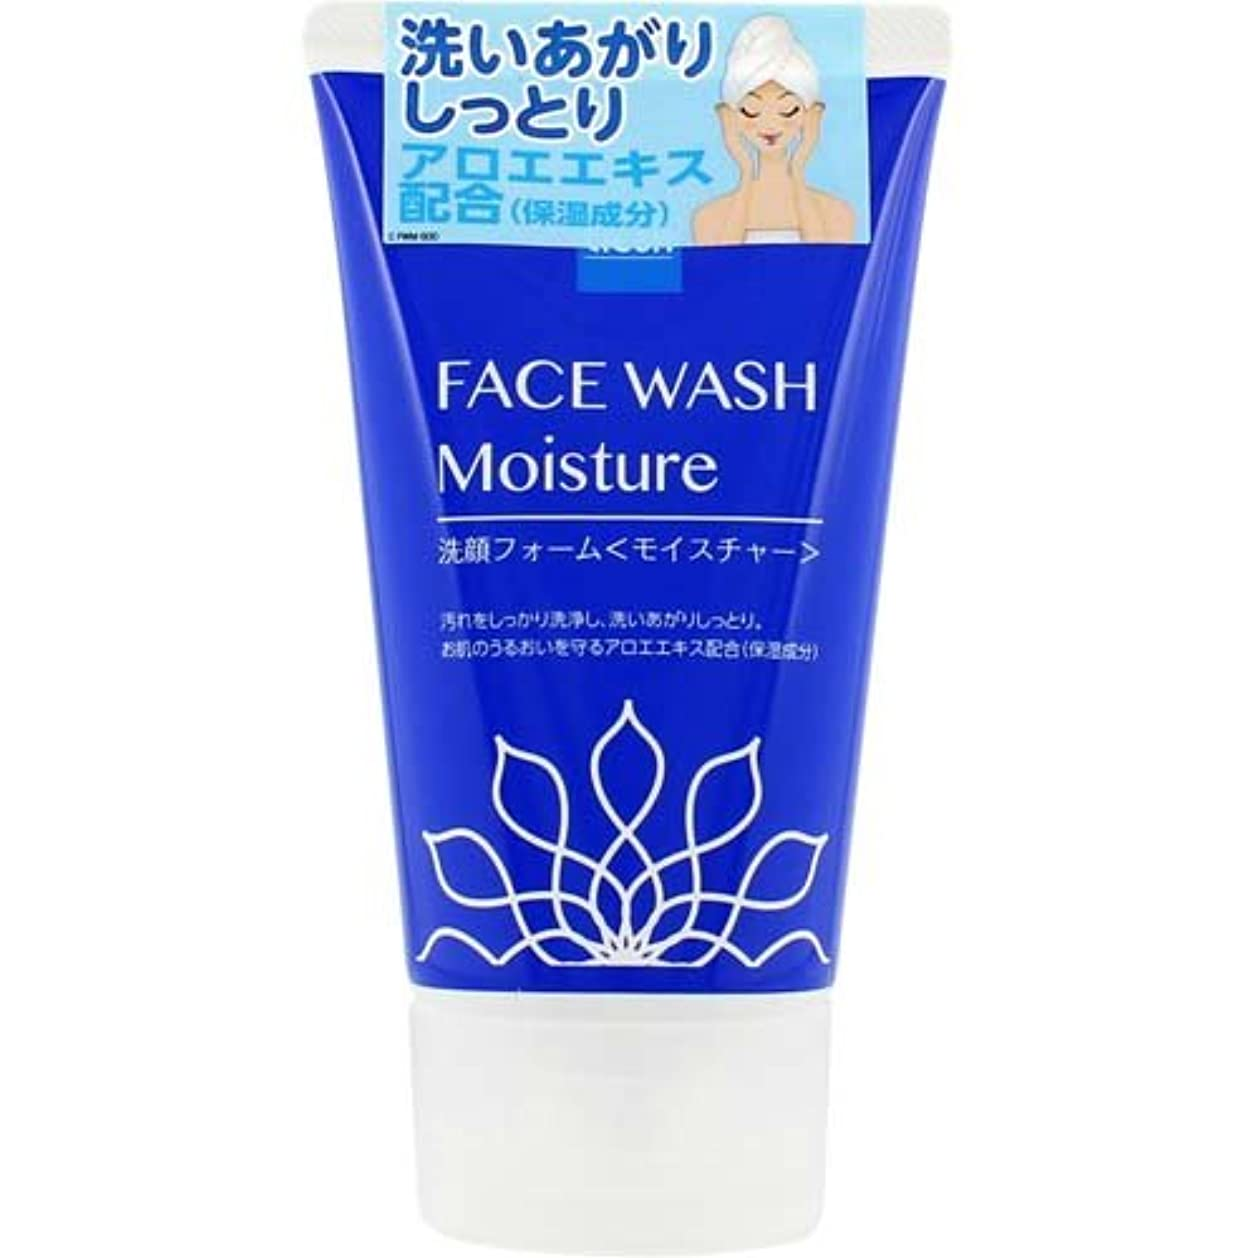 ラメ娯楽明確なClesh(クレッシュ) 洗顔フォーム モイスチャー 120G